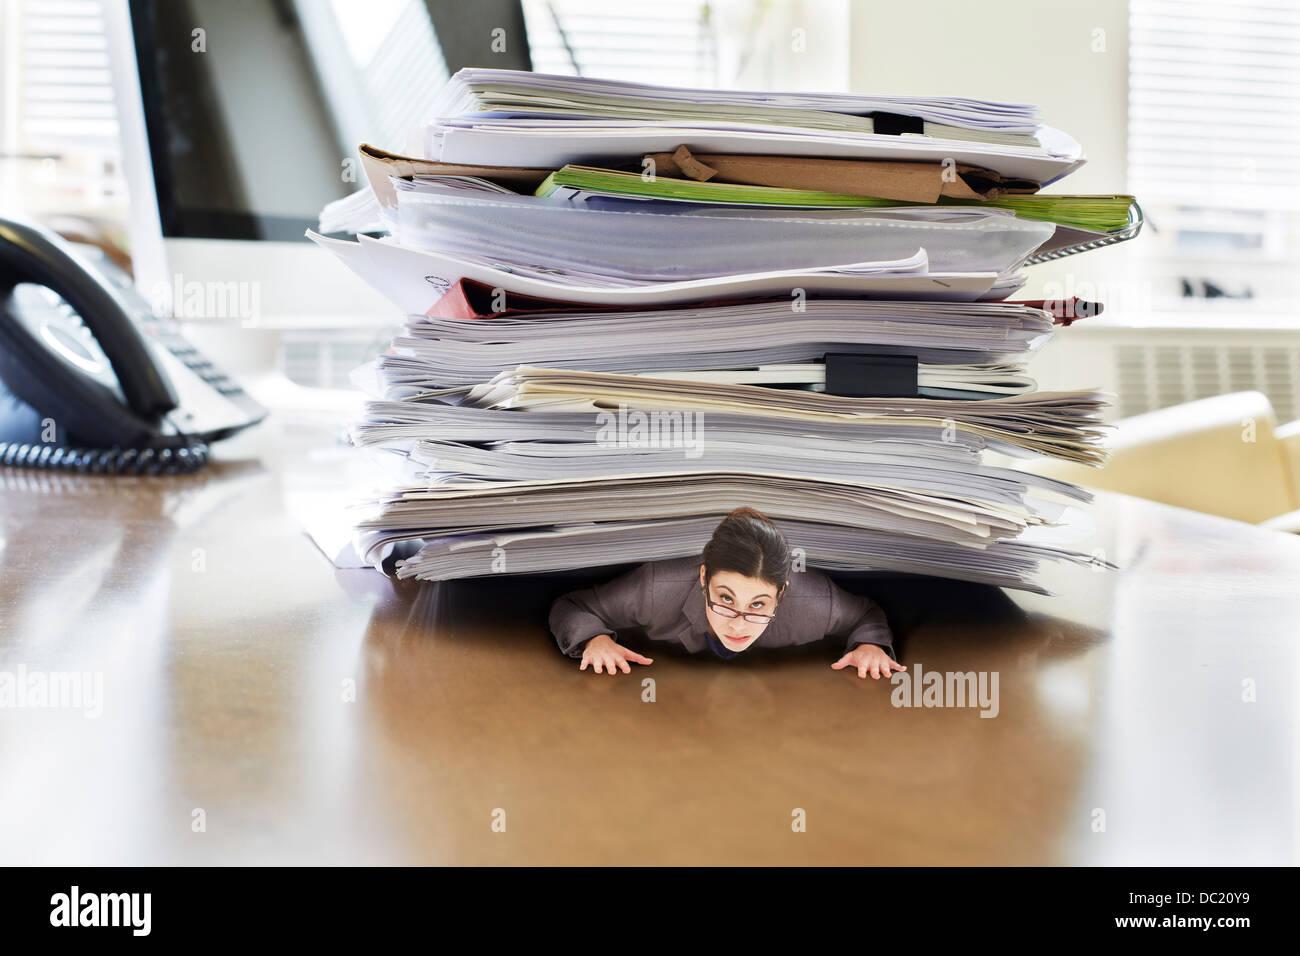 Imprenditrice intrappolato sotto la pila di documenti di grandi dimensioni sulla scrivania di grandi dimensioni, Immagini Stock